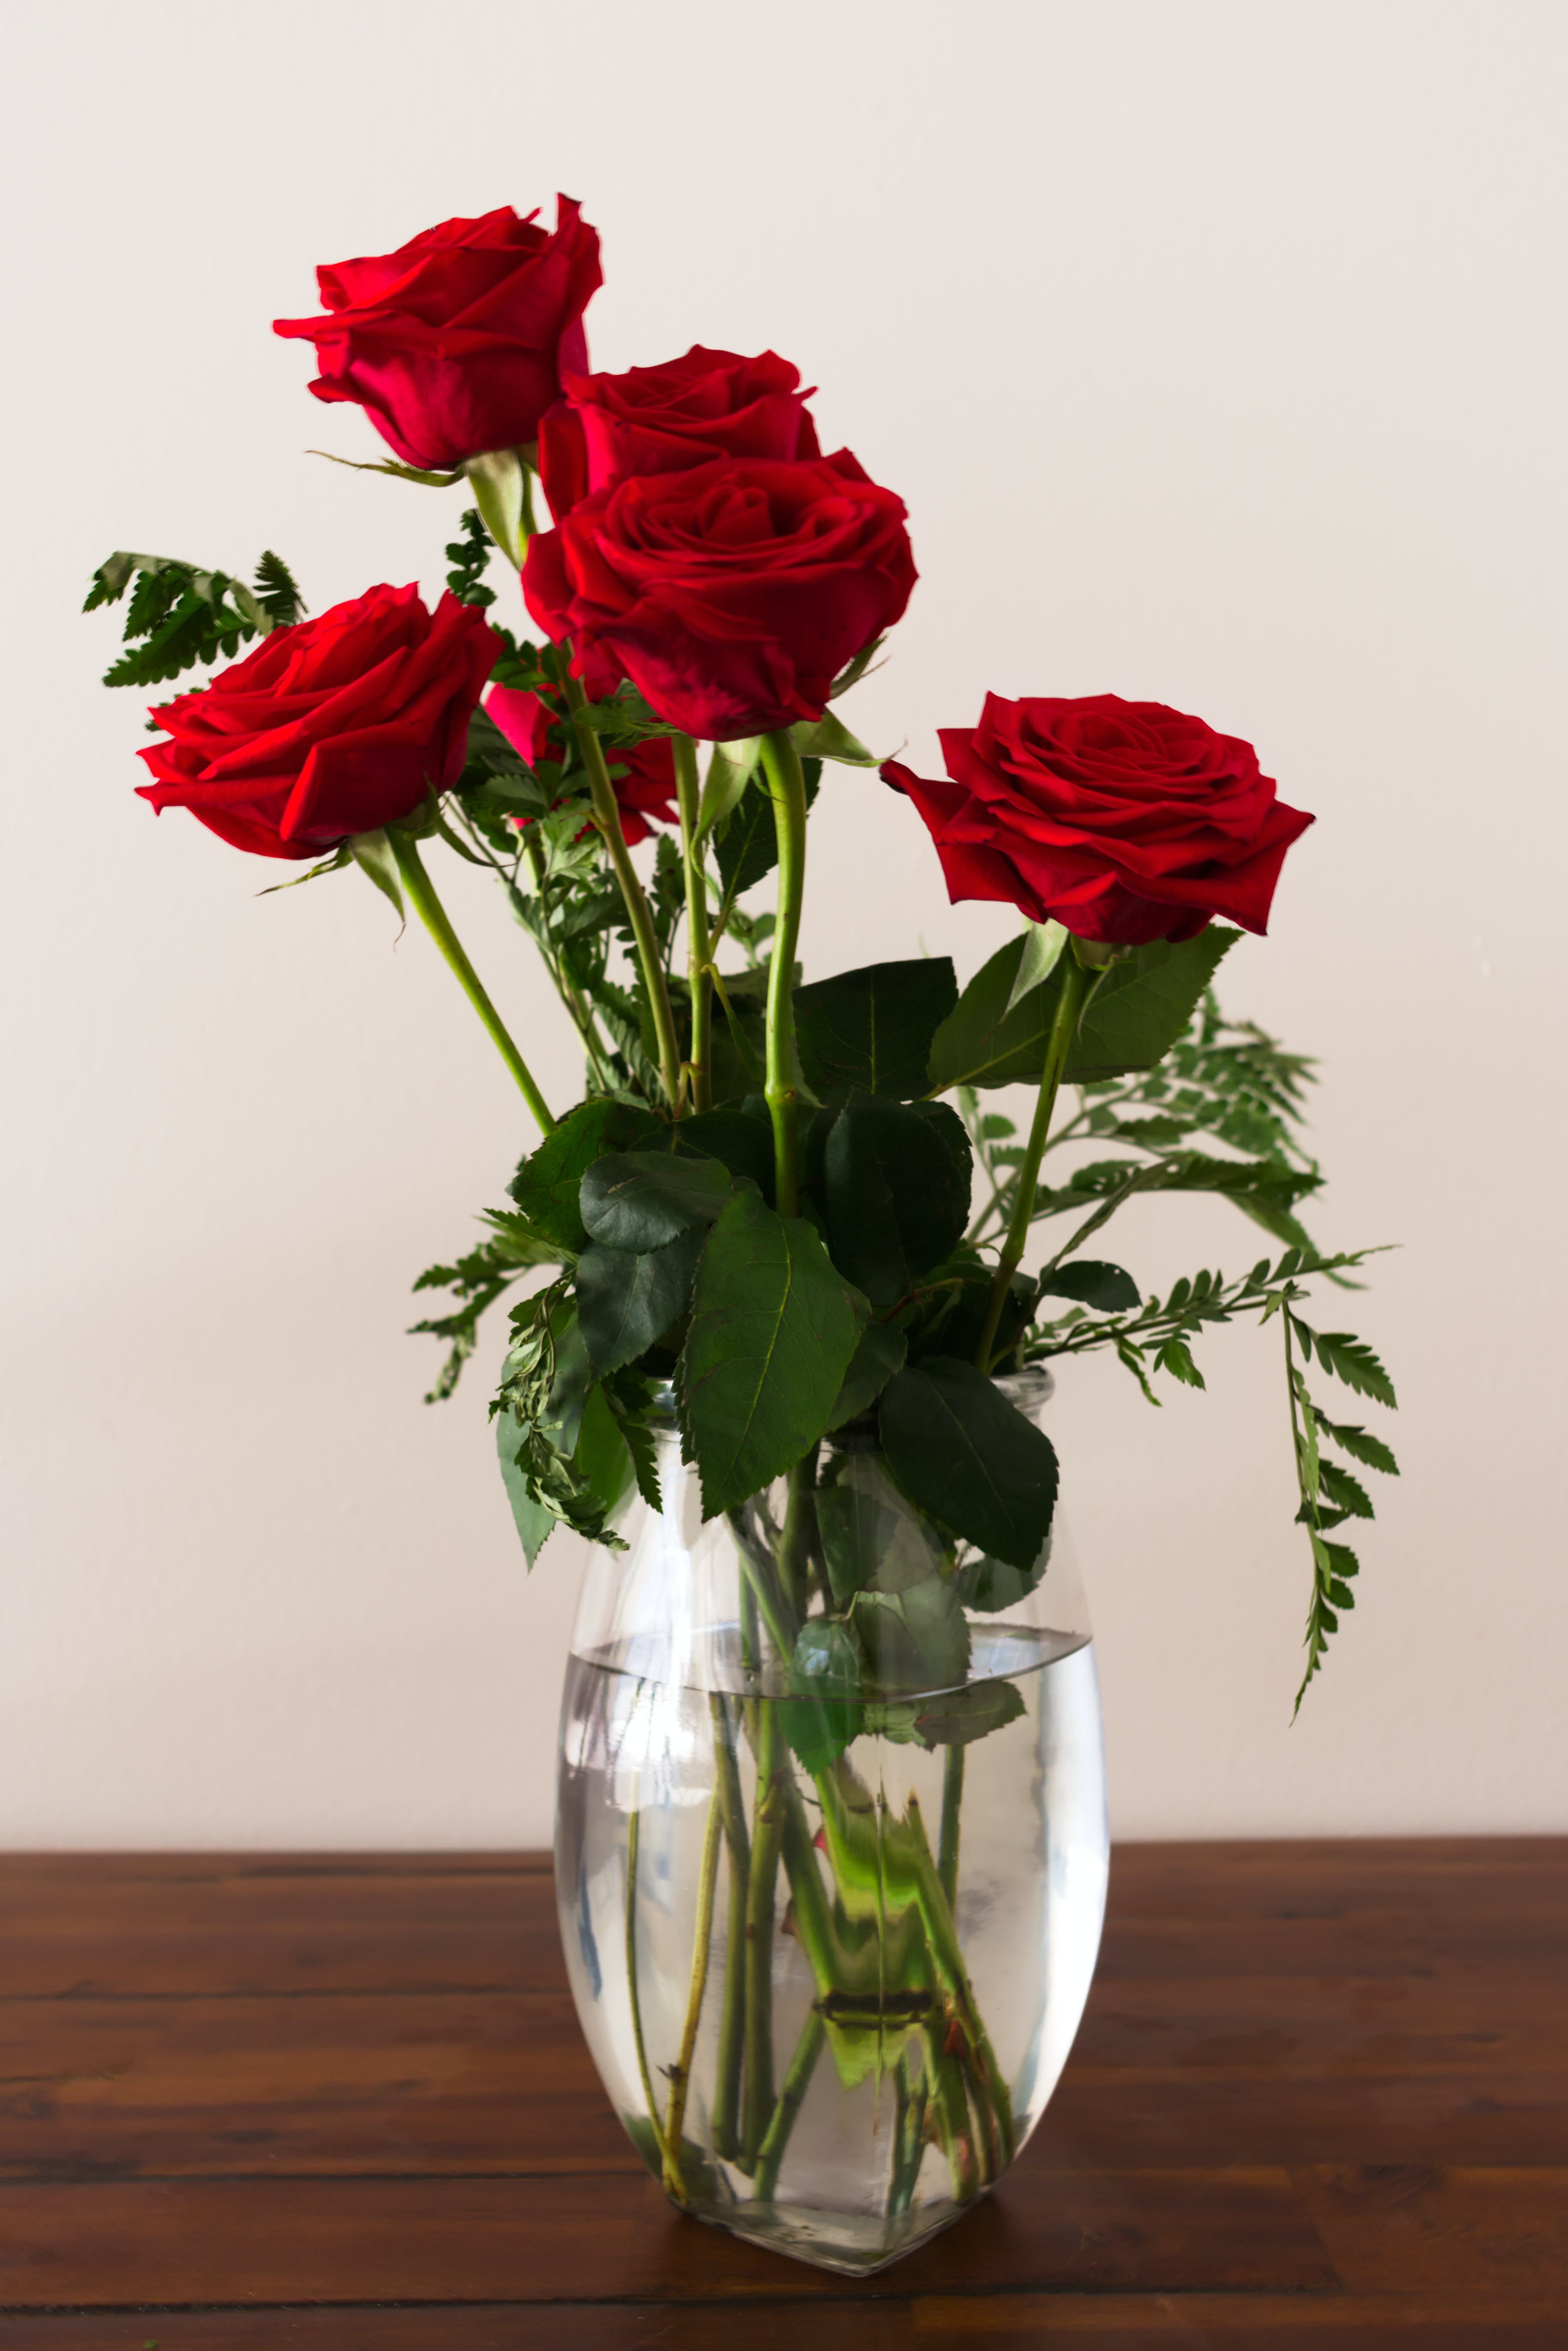 Immagine gratuita di acqua, bellissimo, bouquet, delicato